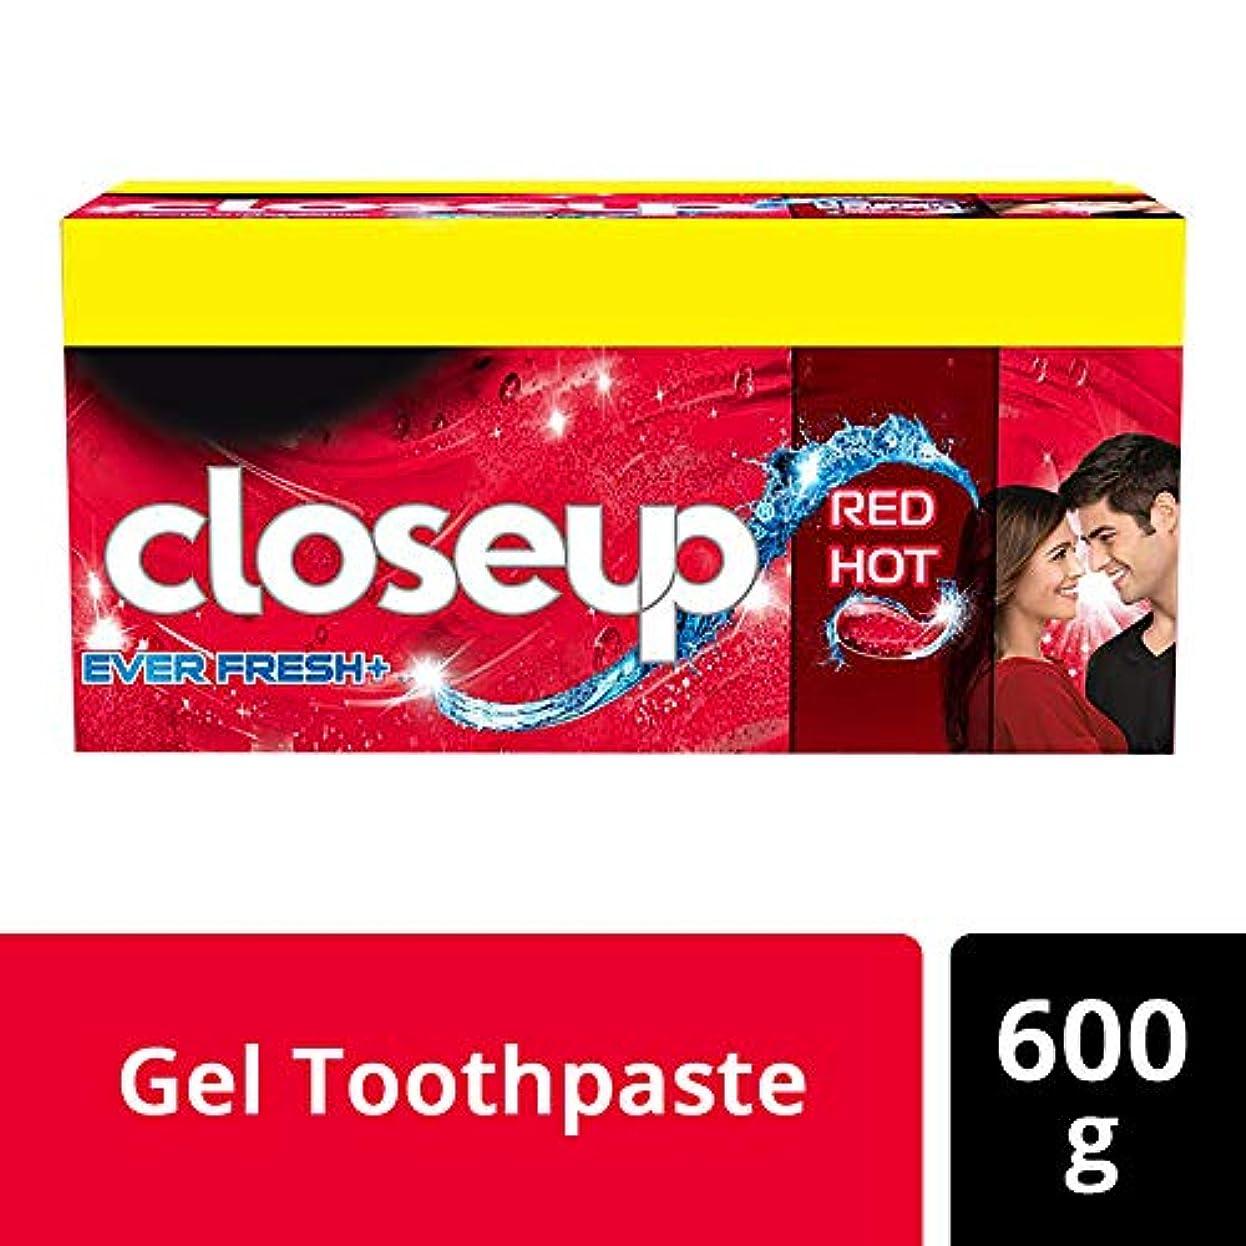 官僚満足させるオペレーターCloseup Ever Fresh Red Hot Gel Toothpaste - 150 g (Buy 3 get 1)